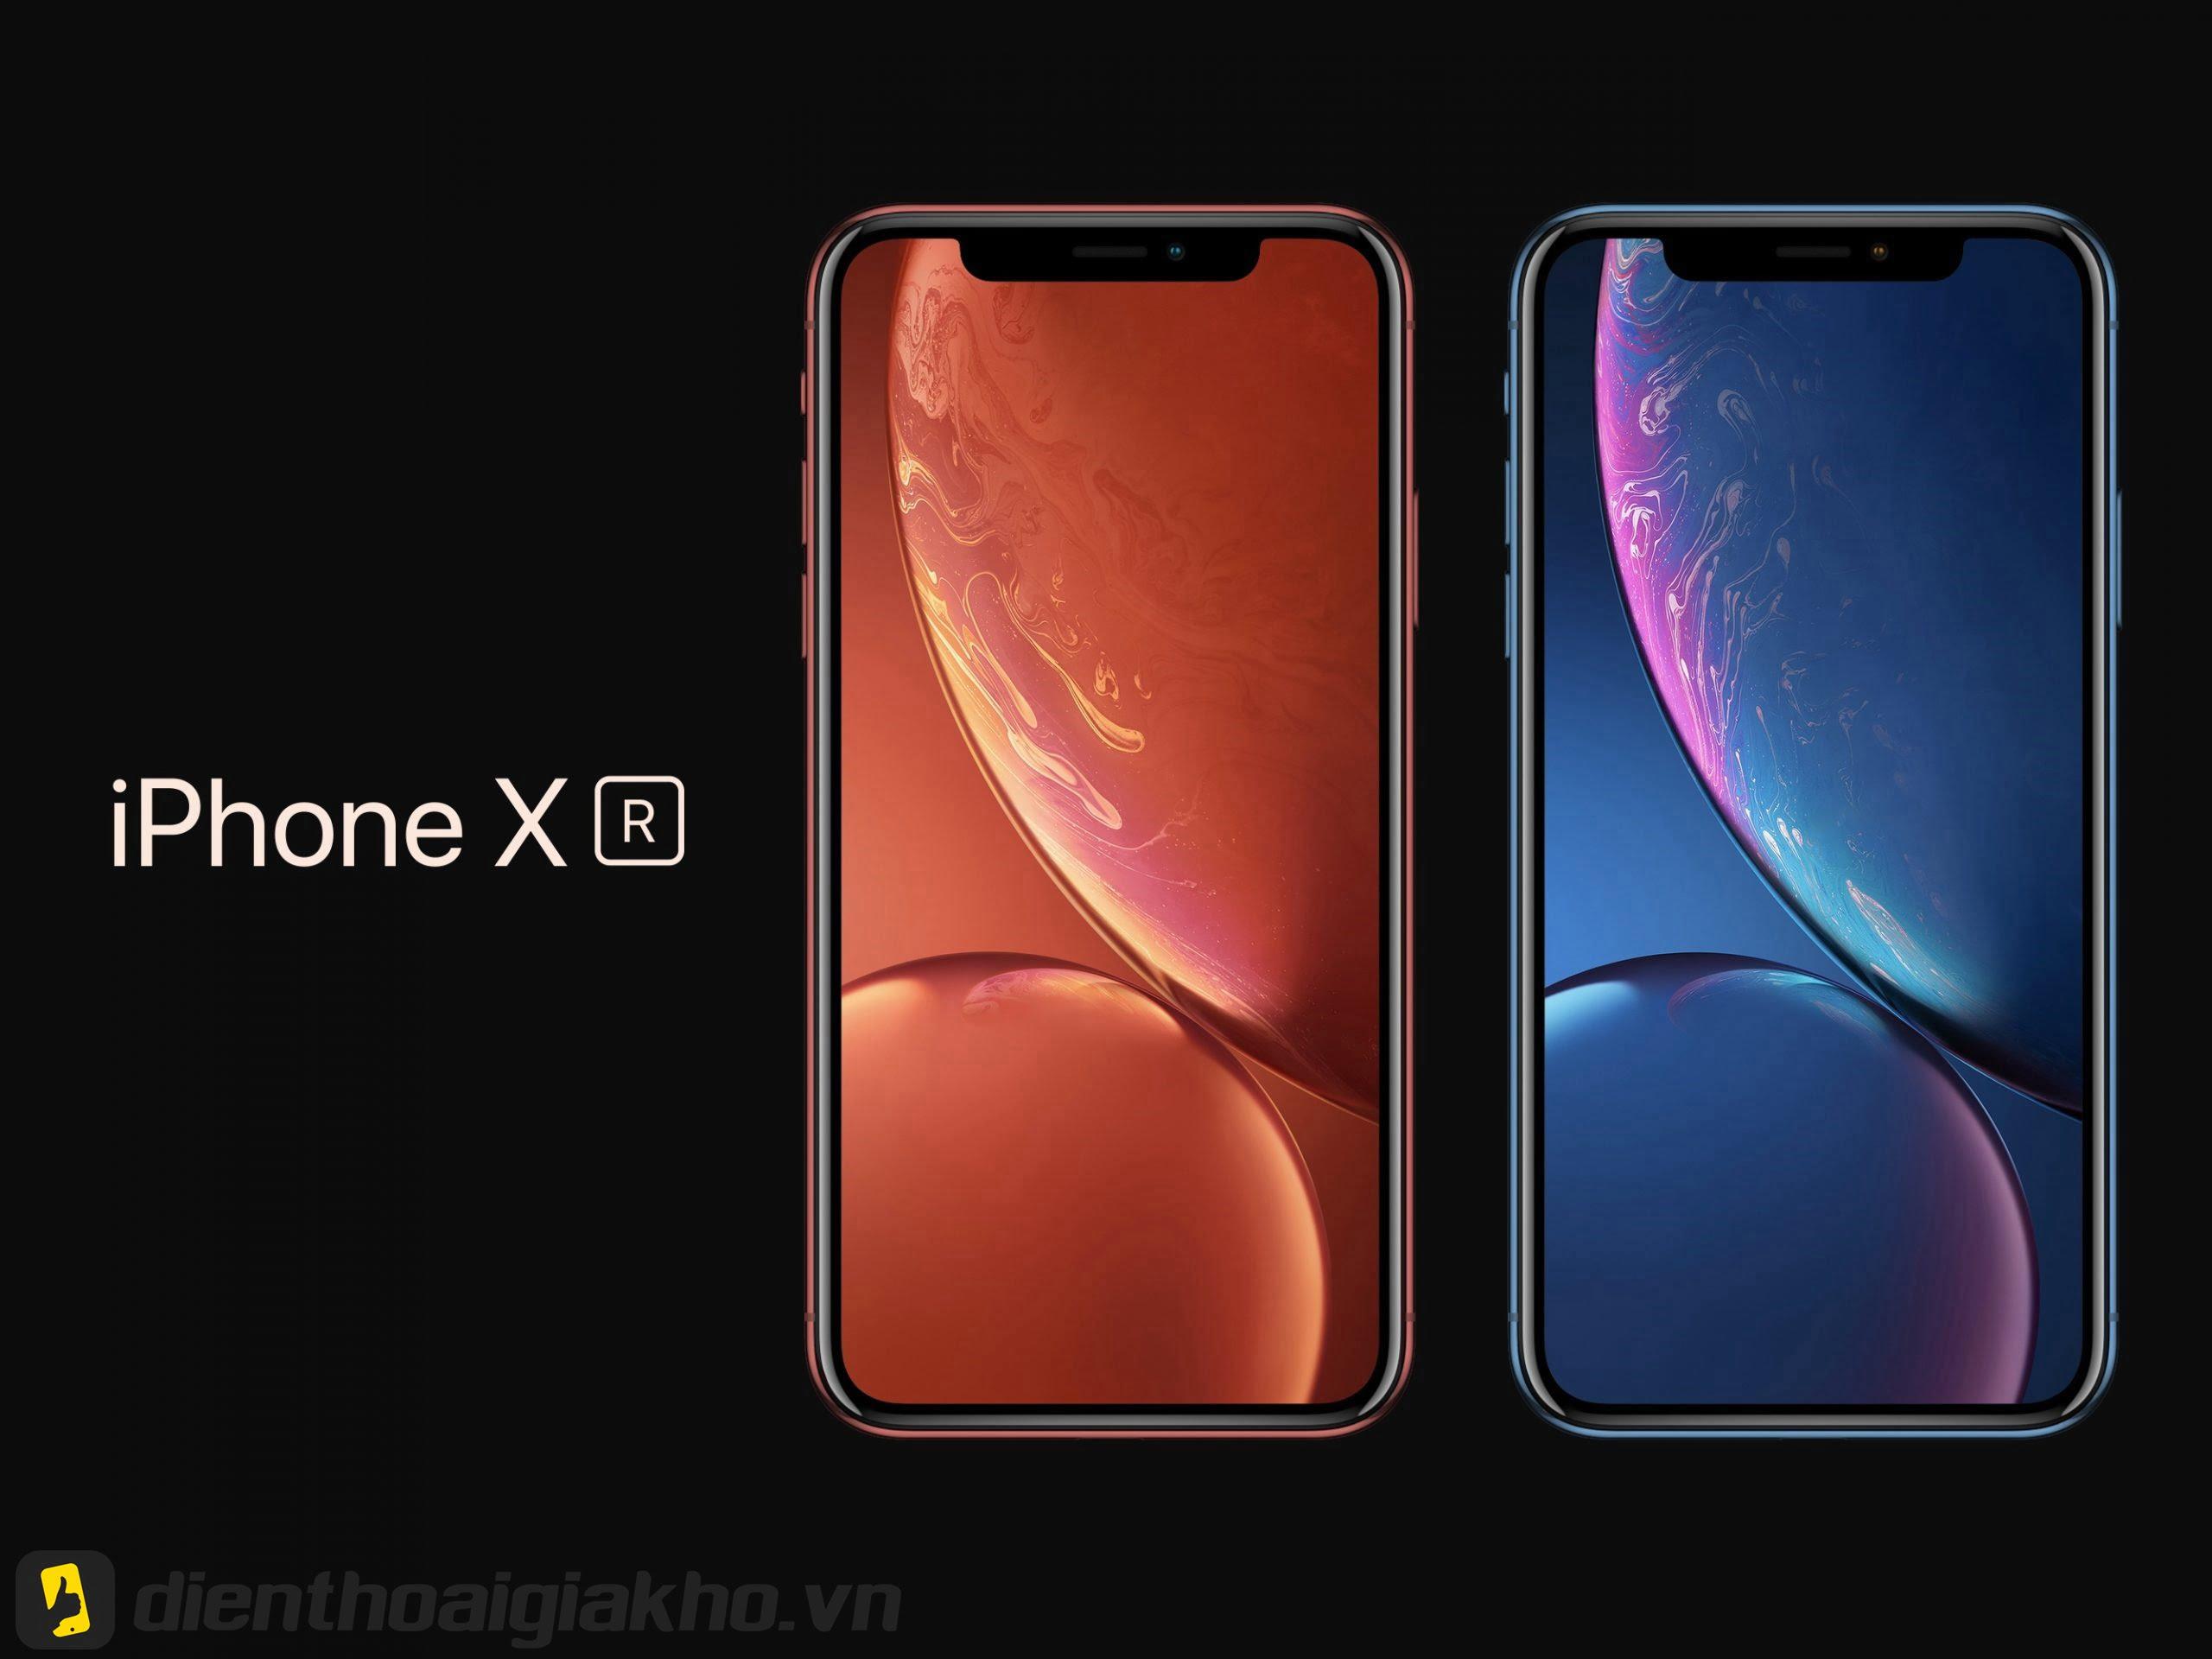 màn hình iPhone X kích thước